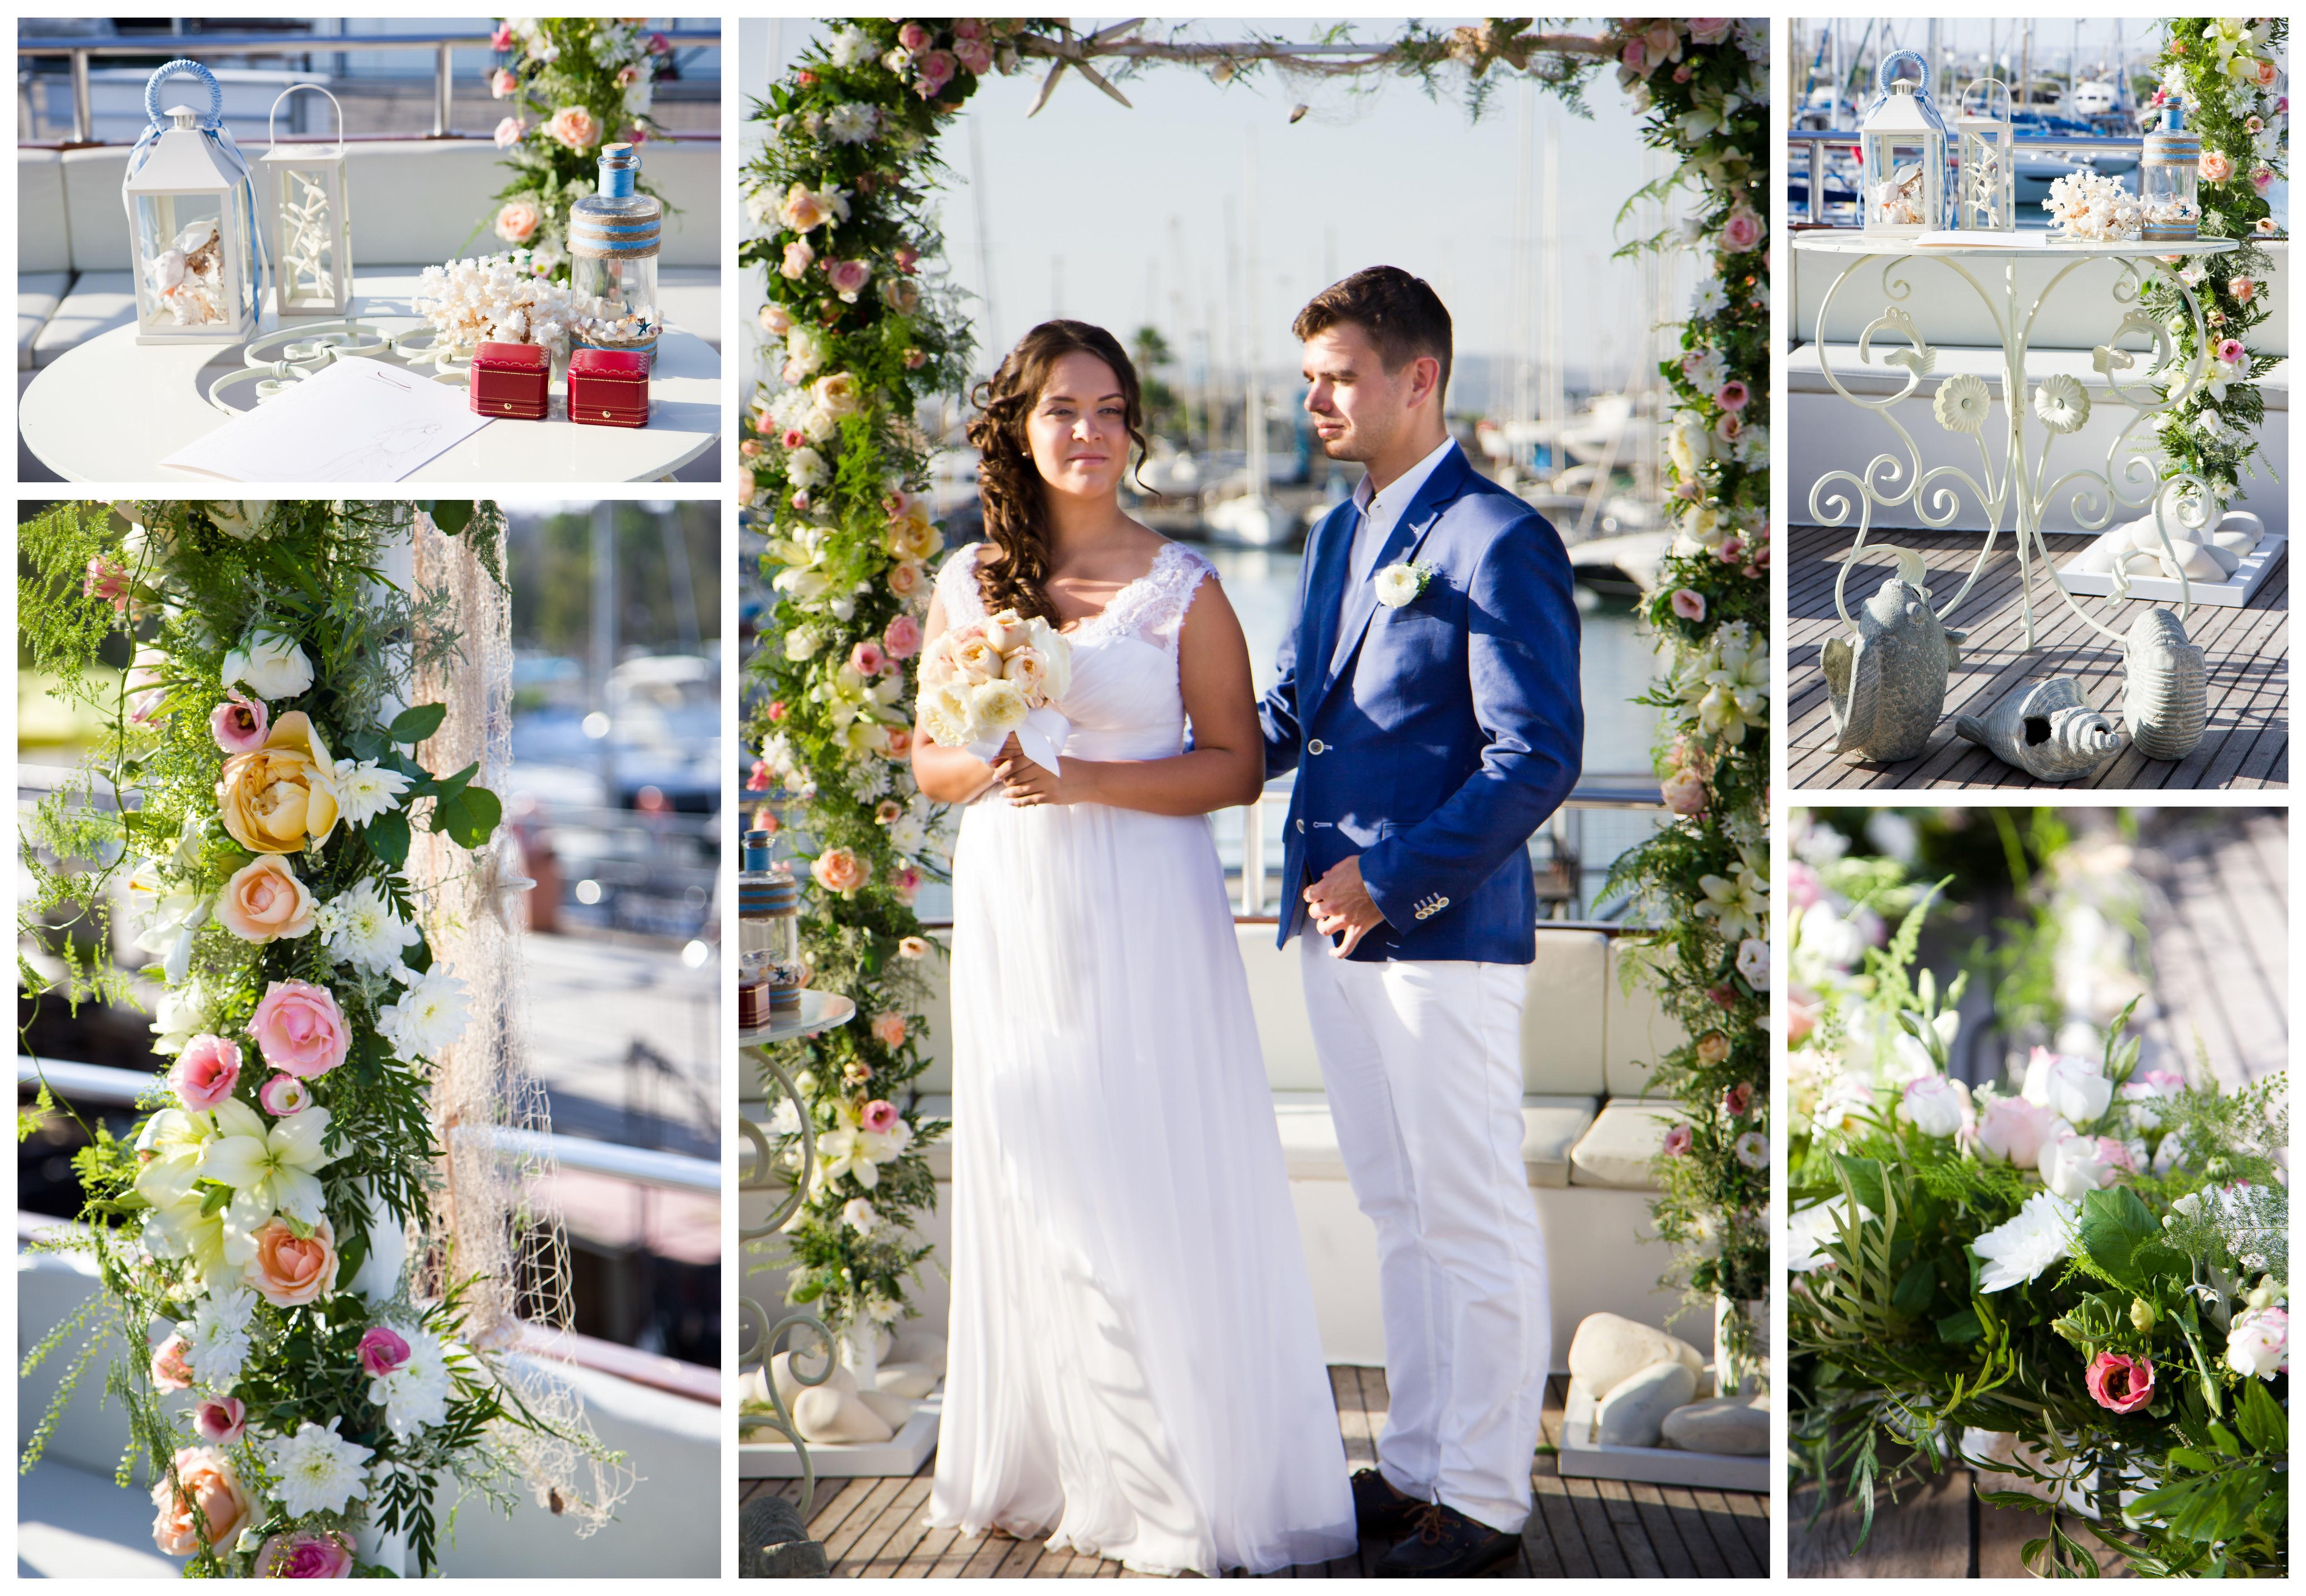 свадьба на Кипре, свадьба на яхте